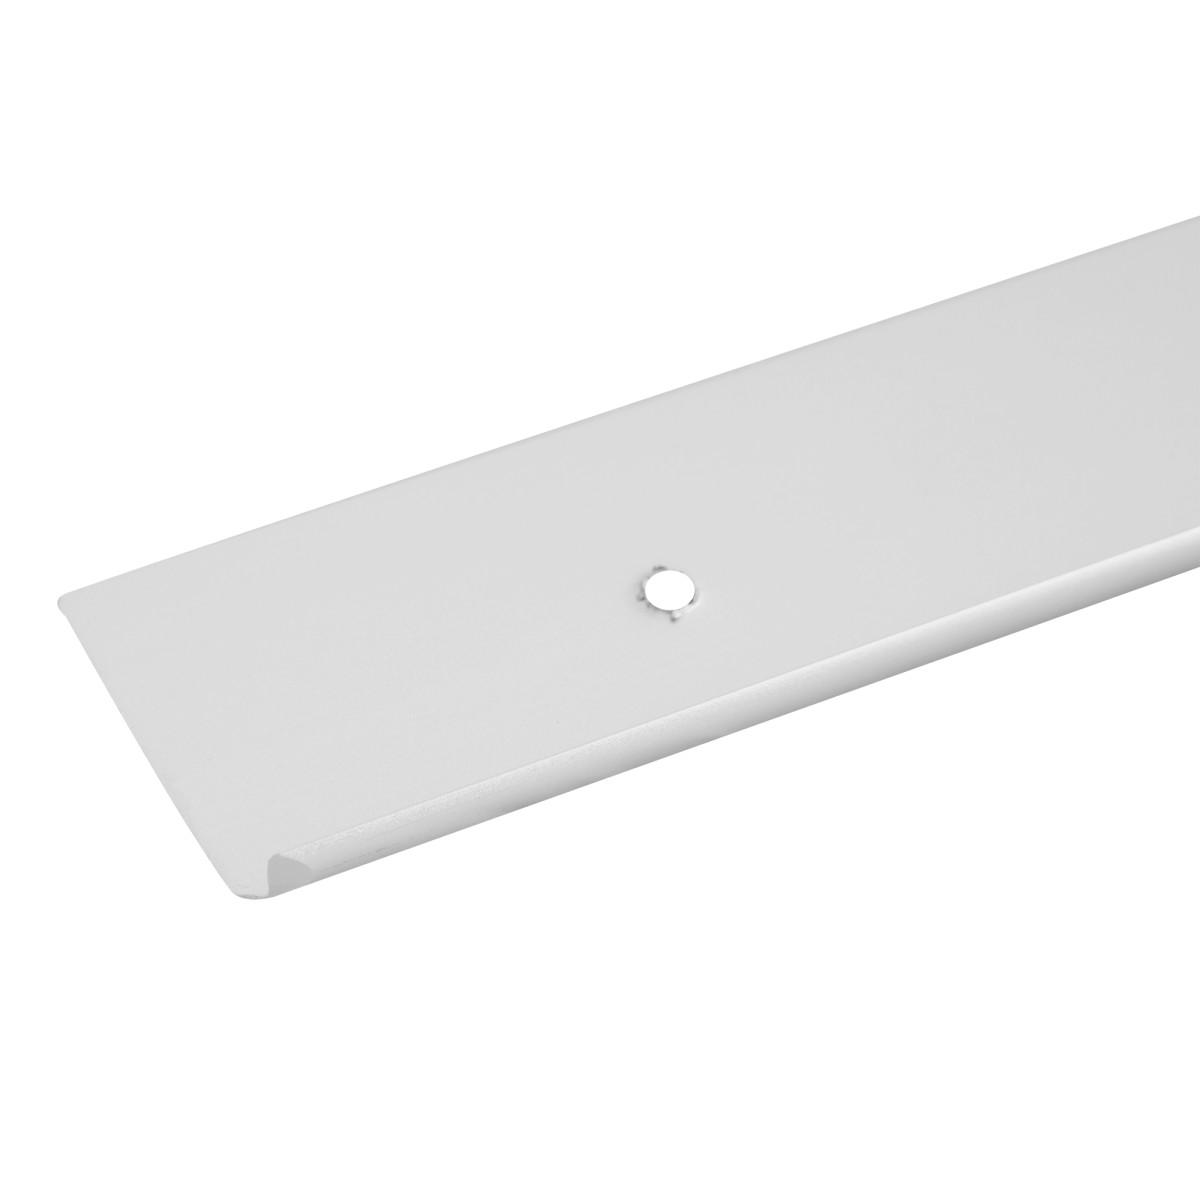 Планка для столешницы торцевая под 3D кромку 0.4 см цвет матовый хром